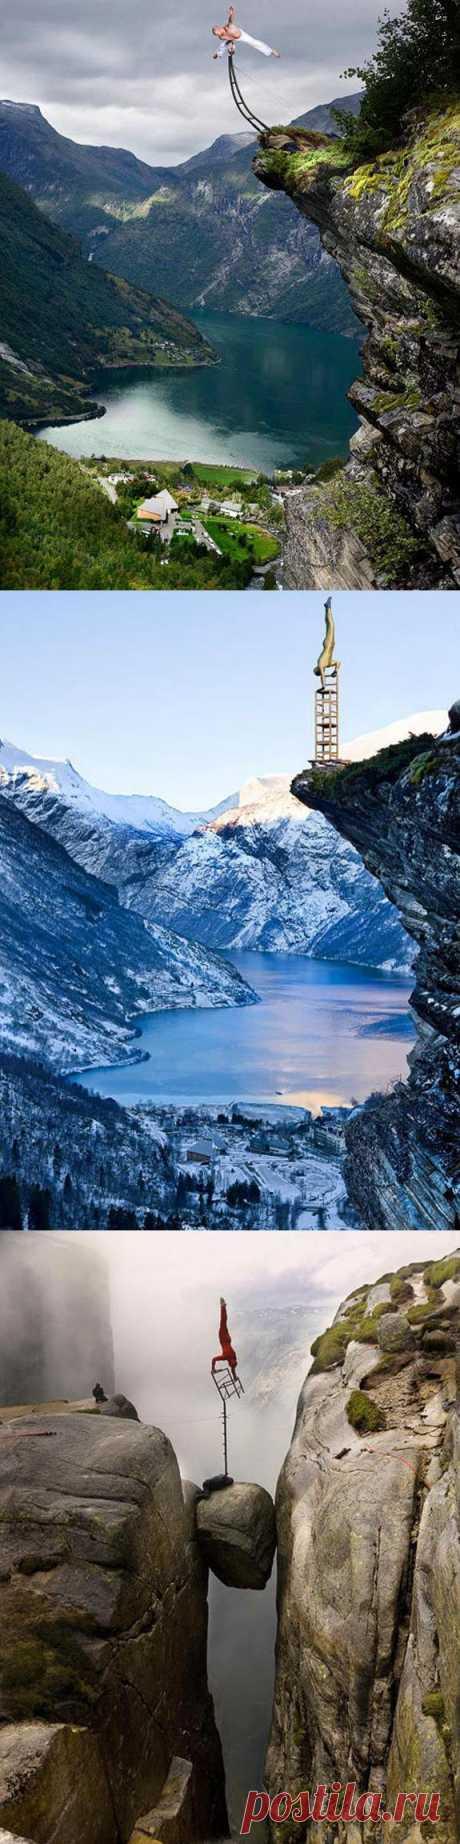 Норвежец Эскил Роннингсбаккен демонстрирует невероятные трюки на краю пропасти. У него даже есть ученики, желающие постигнуть науку бесстрашия и силы…